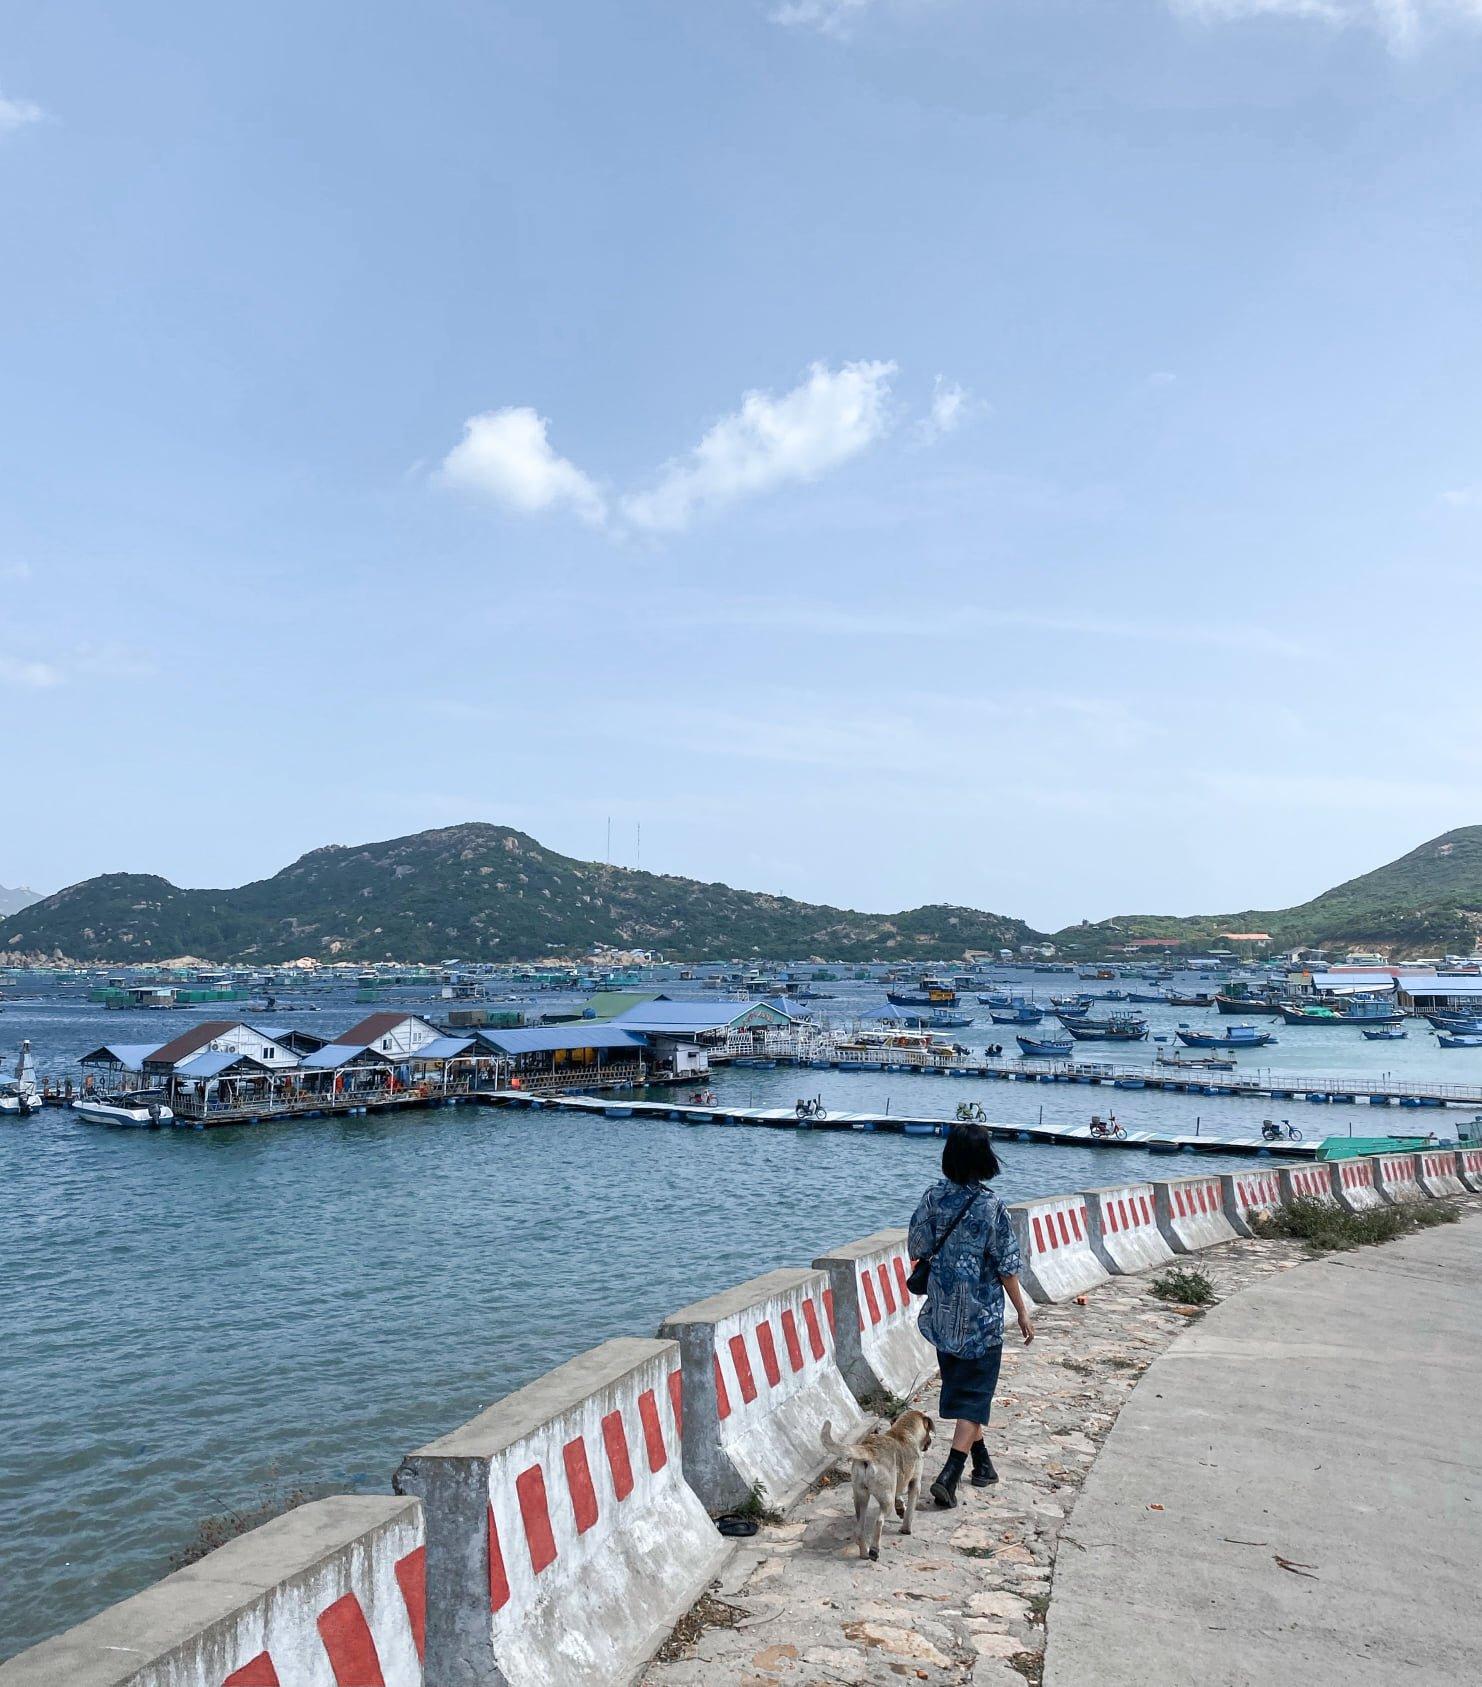 Gợi ý khách sạn, homestay nghỉ trên đảo Bình Ba